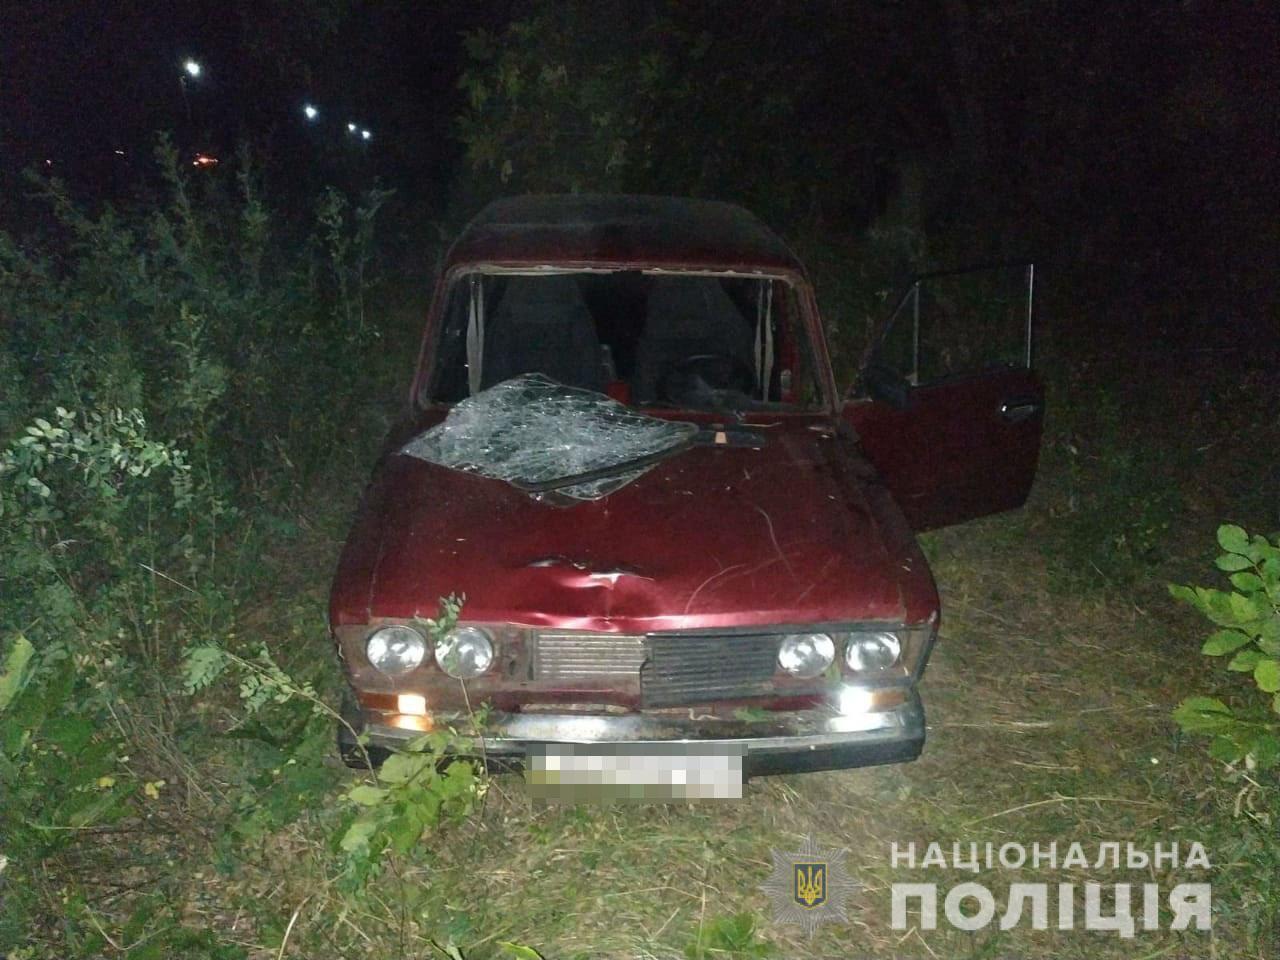 Водитель в состоянии опьянения совершил наезд на двух подростков и скрылся